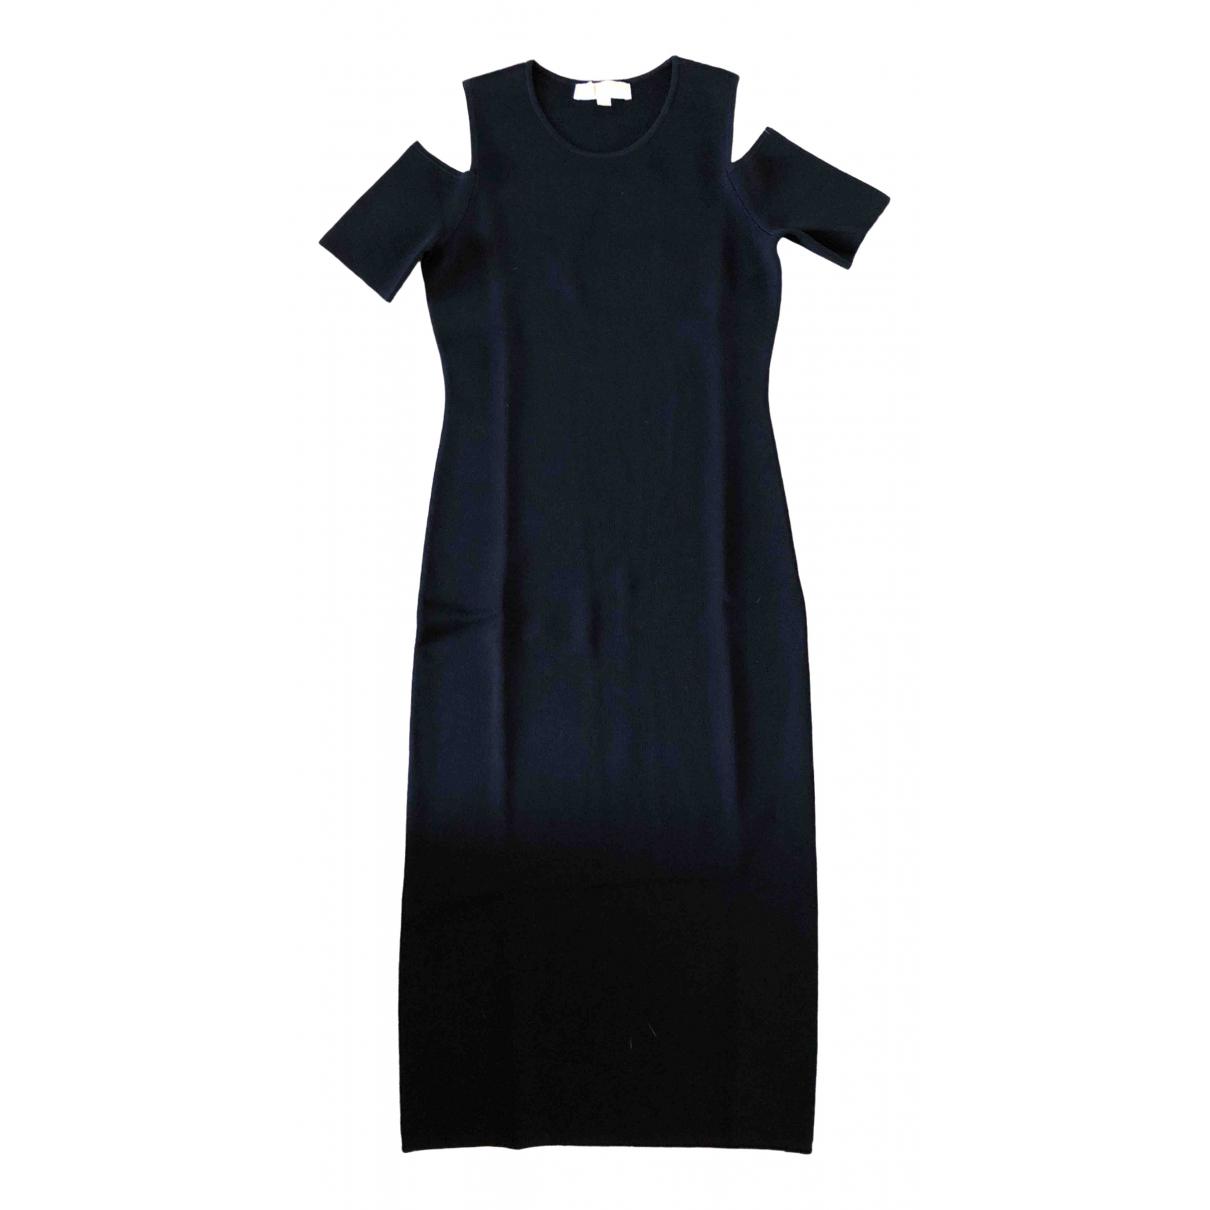 Michael Kors \N Black dress for Women M International